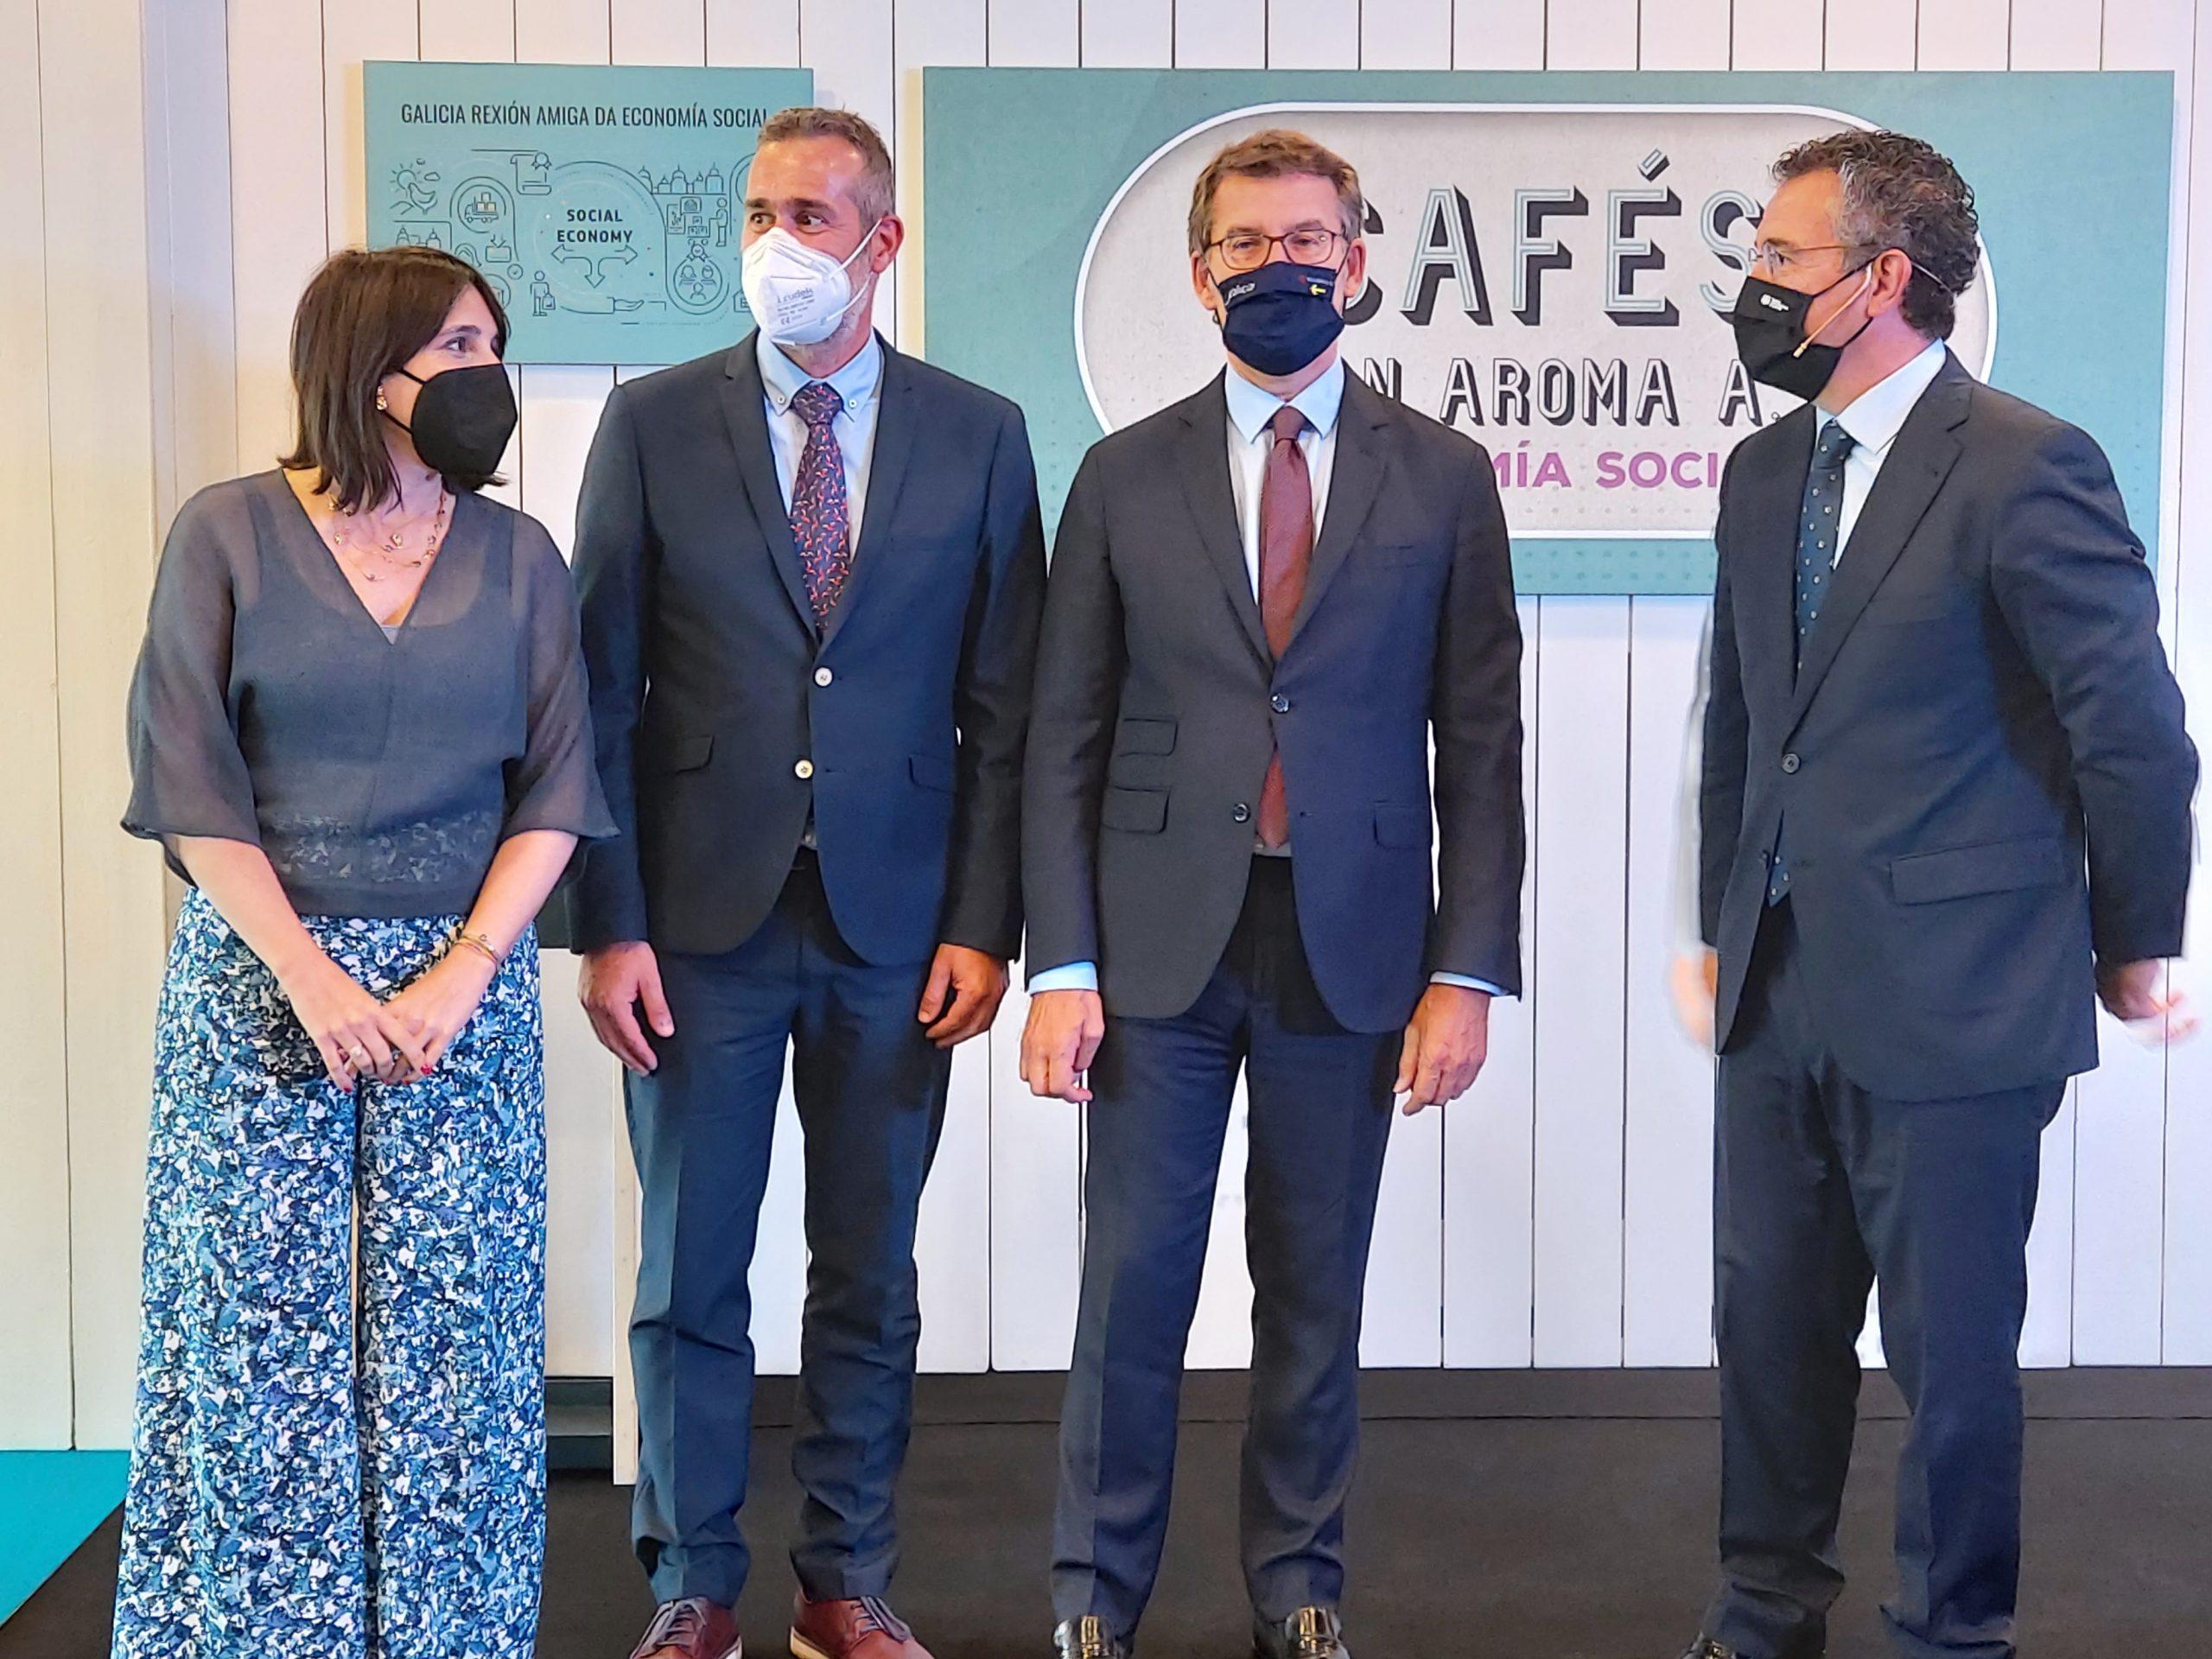 El presidente de la Xunta respalda la petición del Foro y apoya la creación de un Clúster gallego de Economía Social